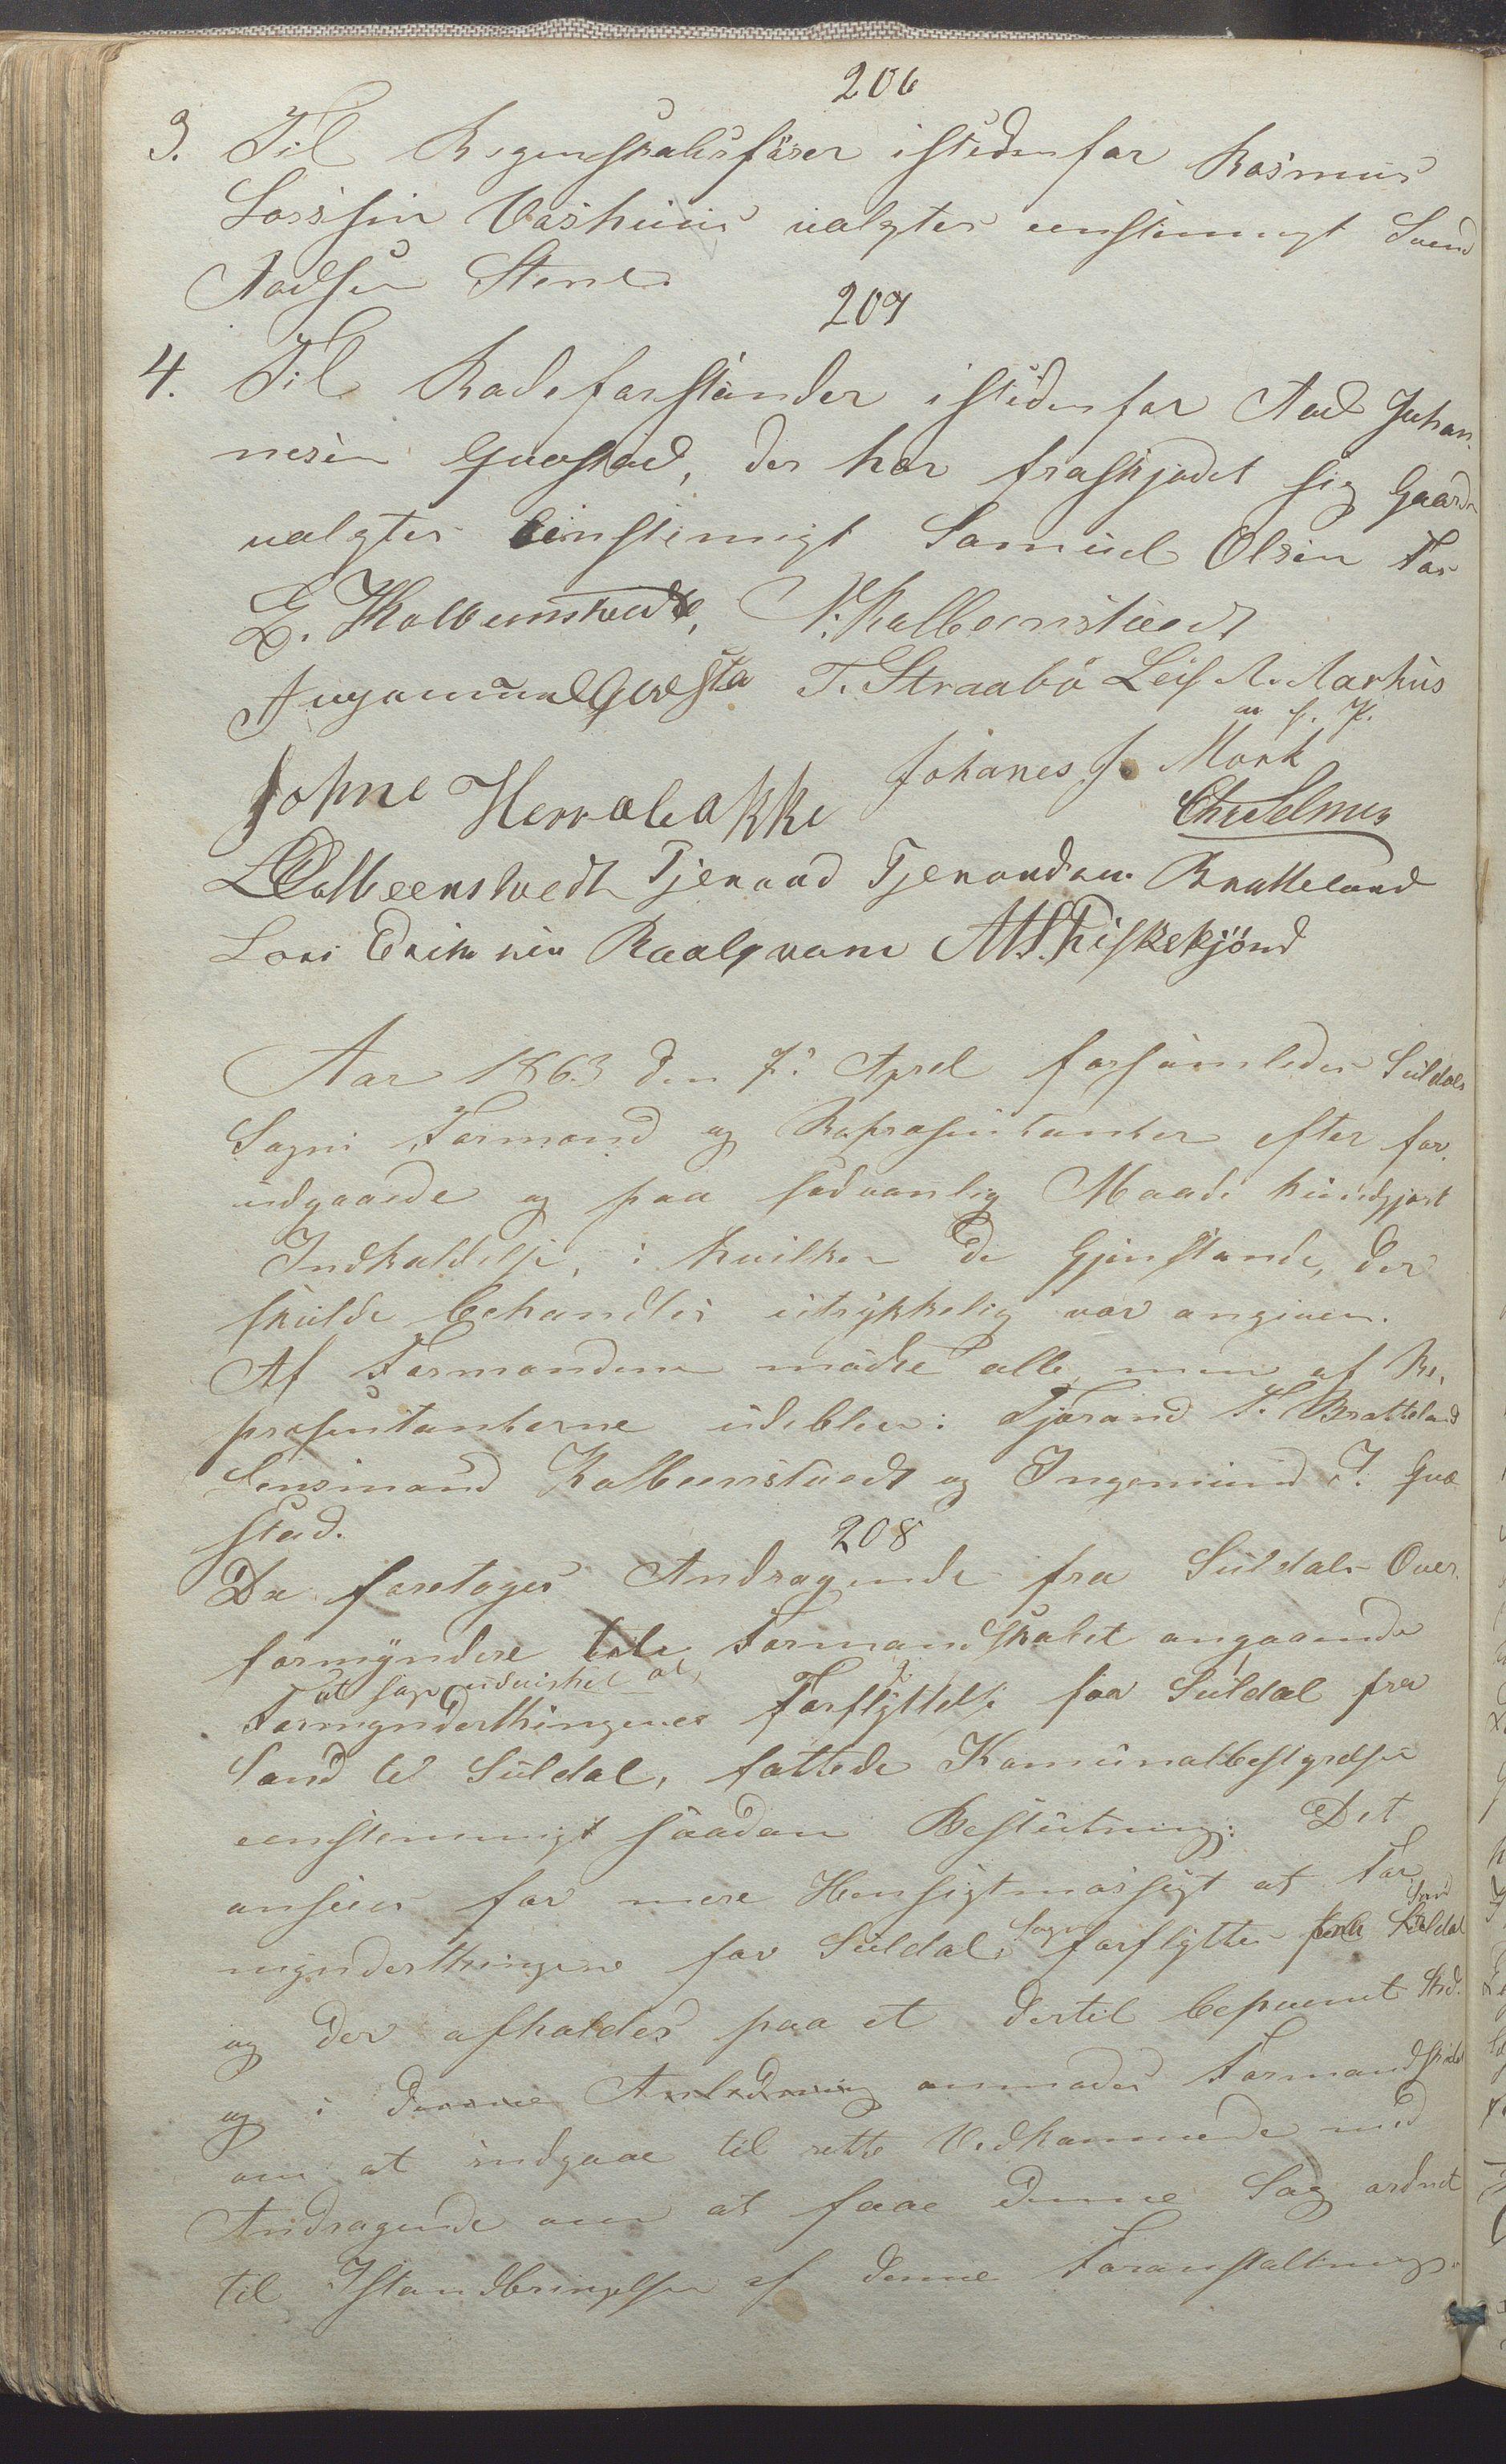 IKAR, Suldal kommune - Formannskapet/Rådmannen, A/Aa/L0001: Møtebok, 1837-1876, s. 146b